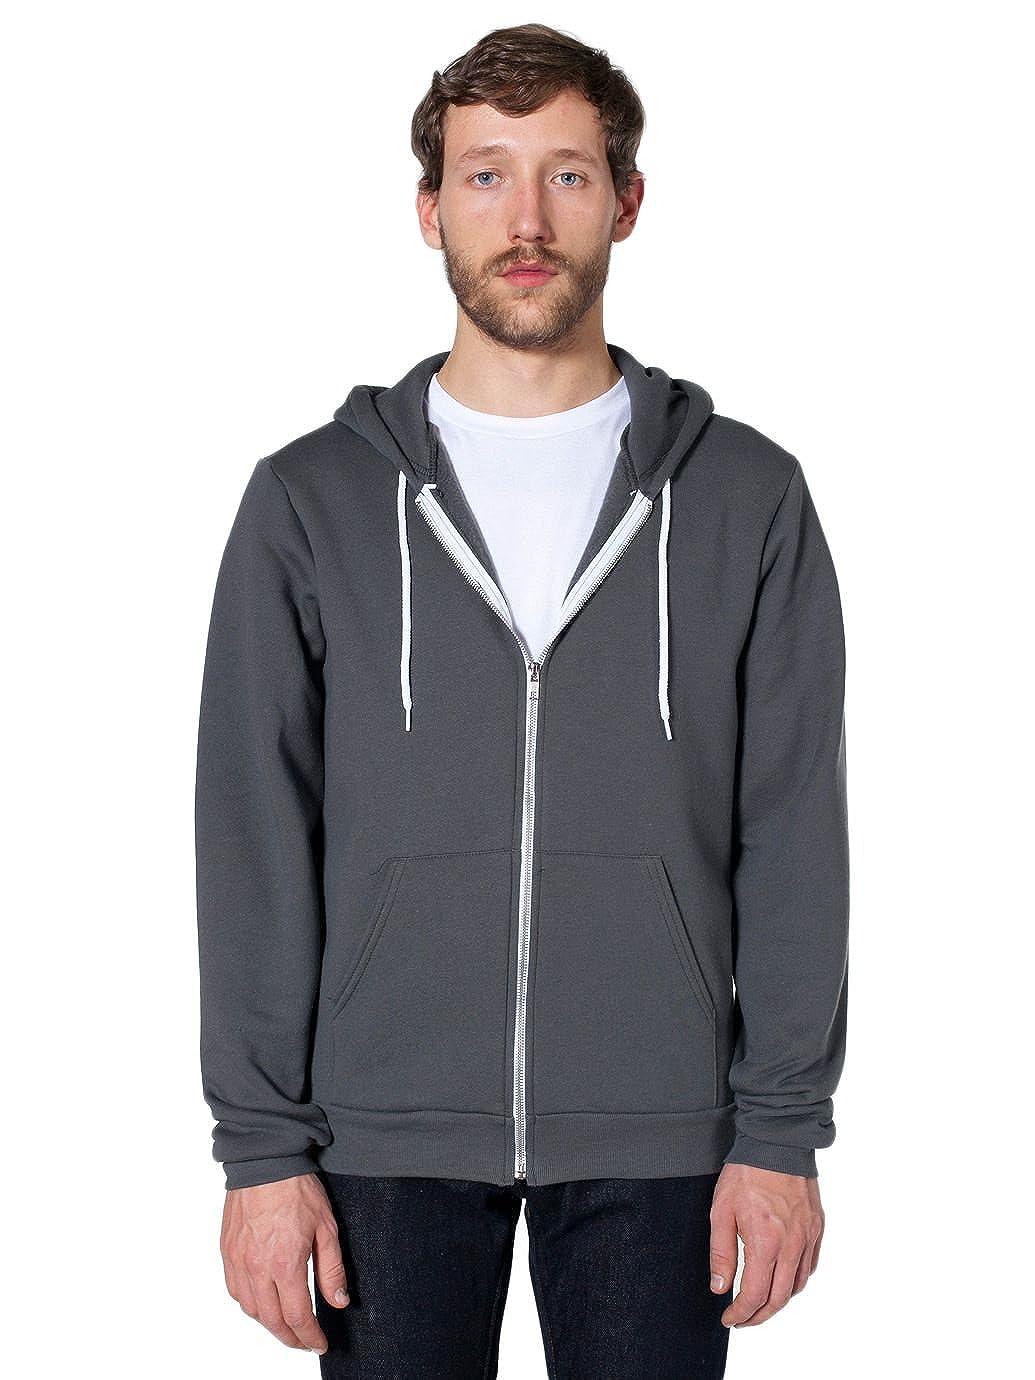 c0c1d0cd0 Amazon.com: American Apparel Men's Unisex Flex Fleece Zip Hoodie: Clothing